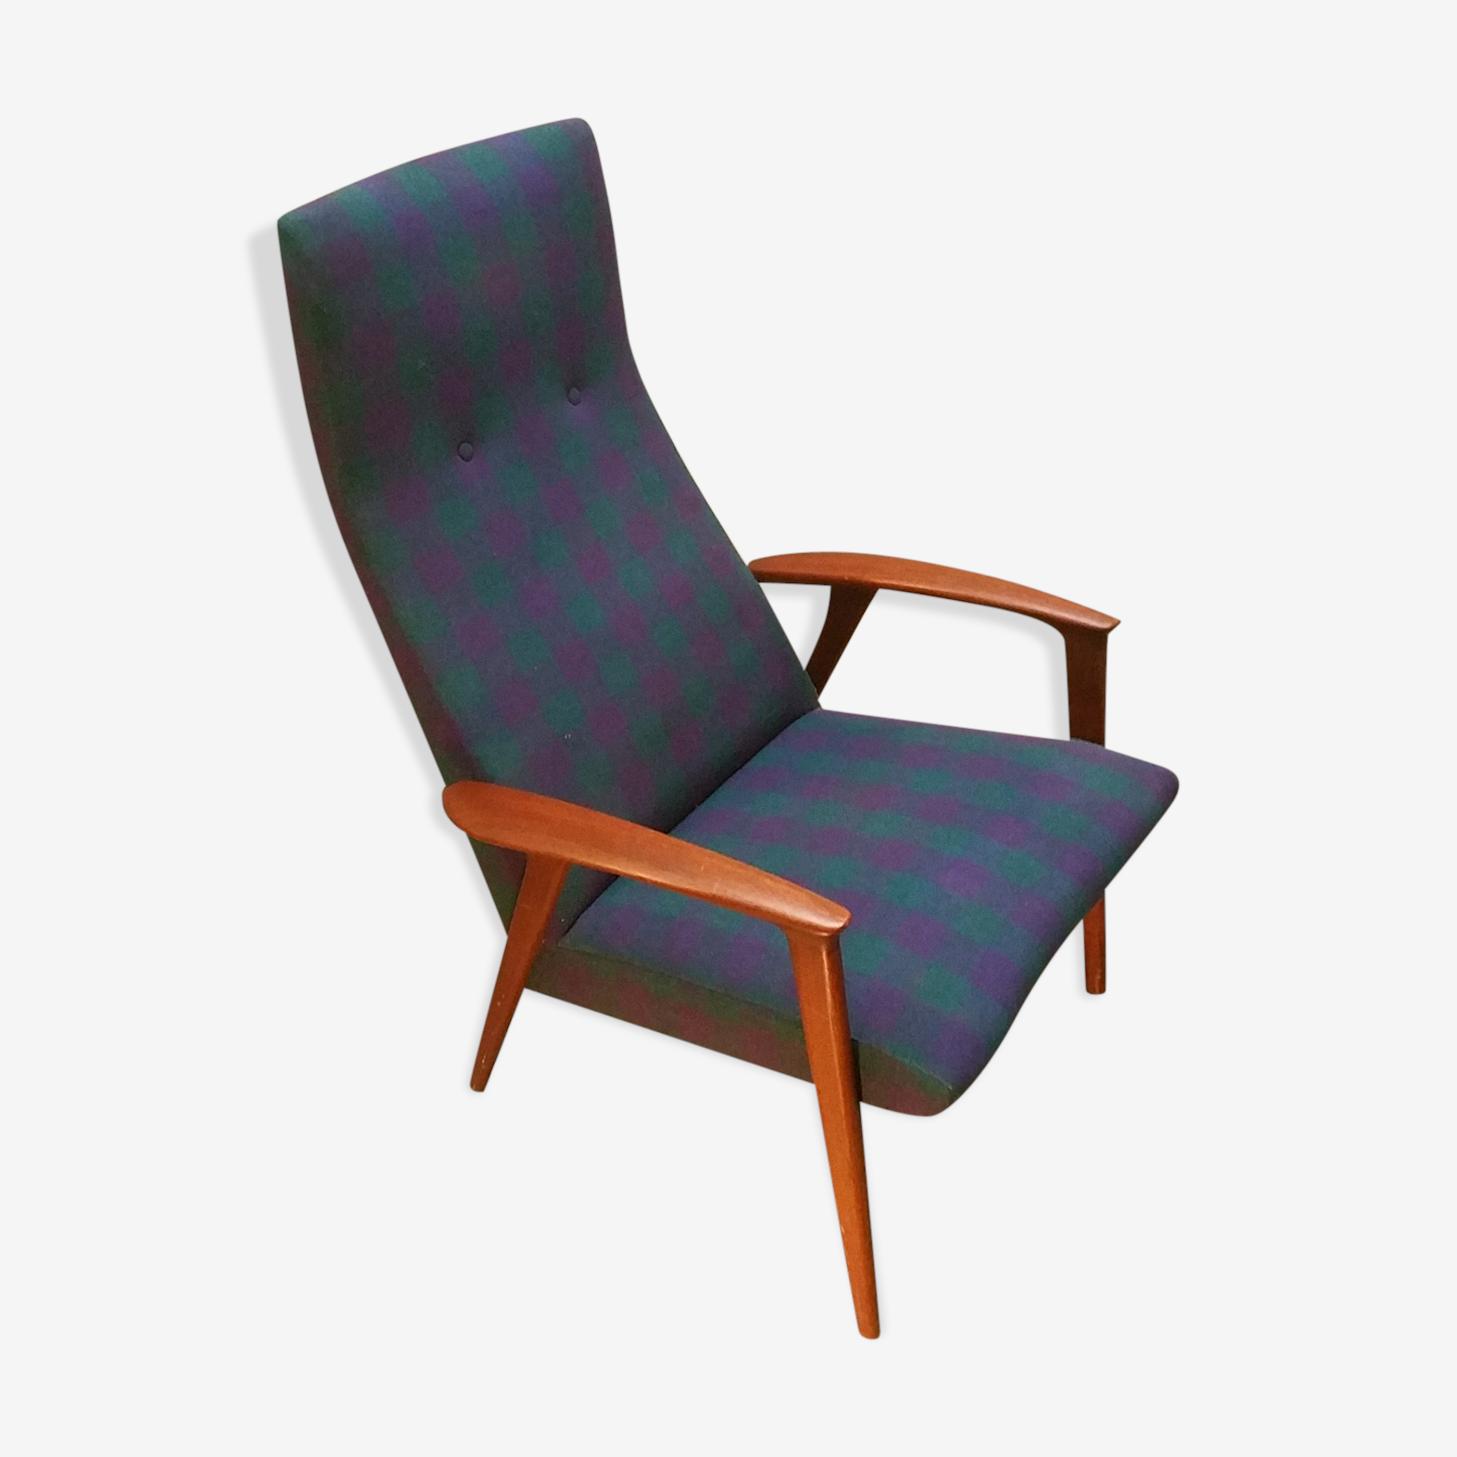 Fauteuil scandinave danois  années 50-60